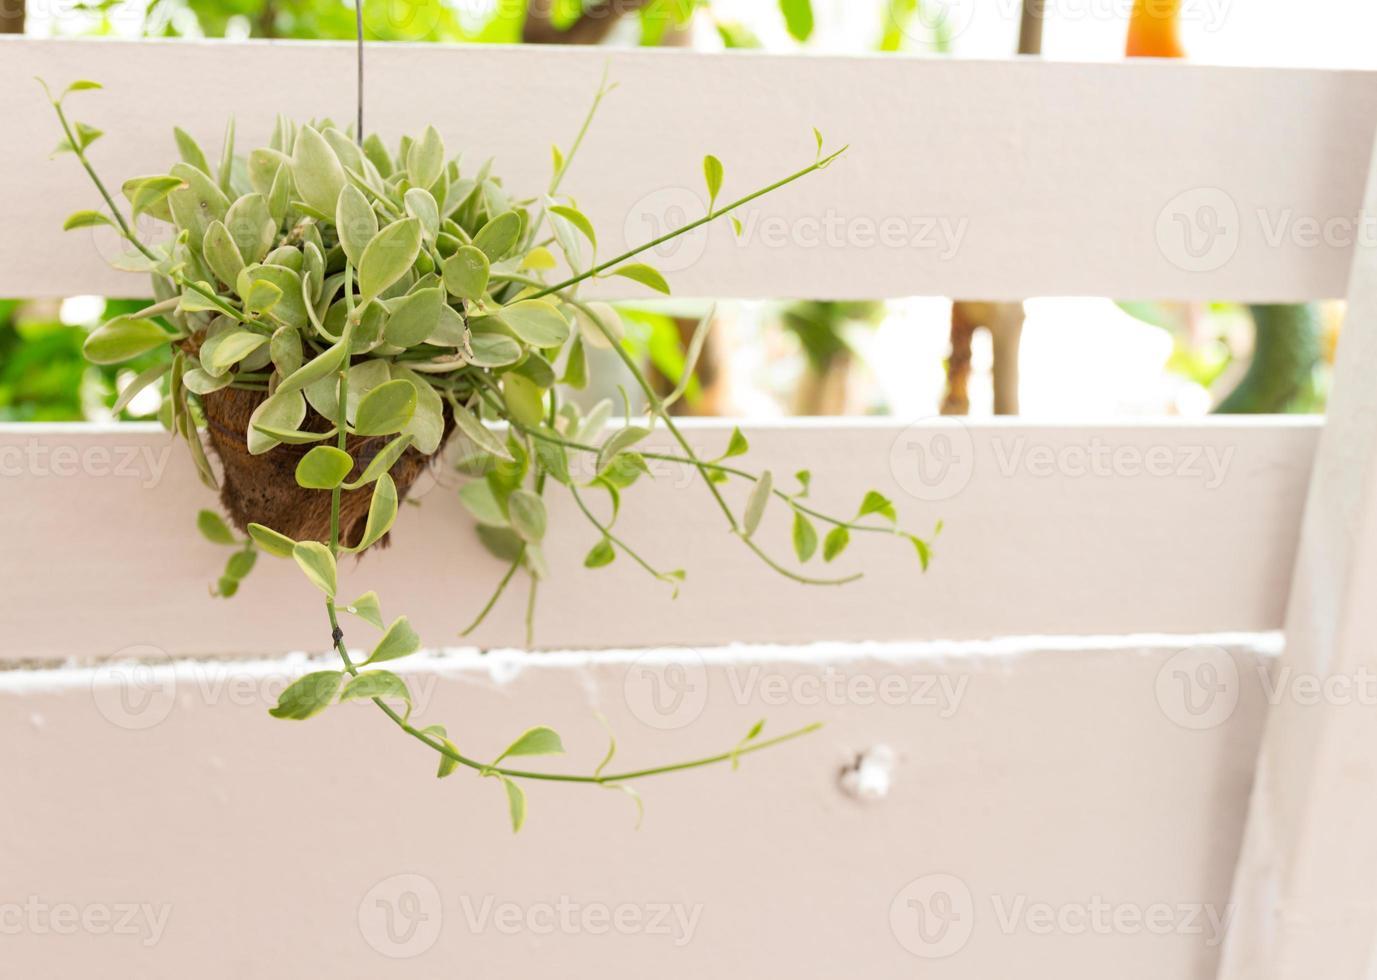 grüne Dischidia nummularia variegata hängen foto